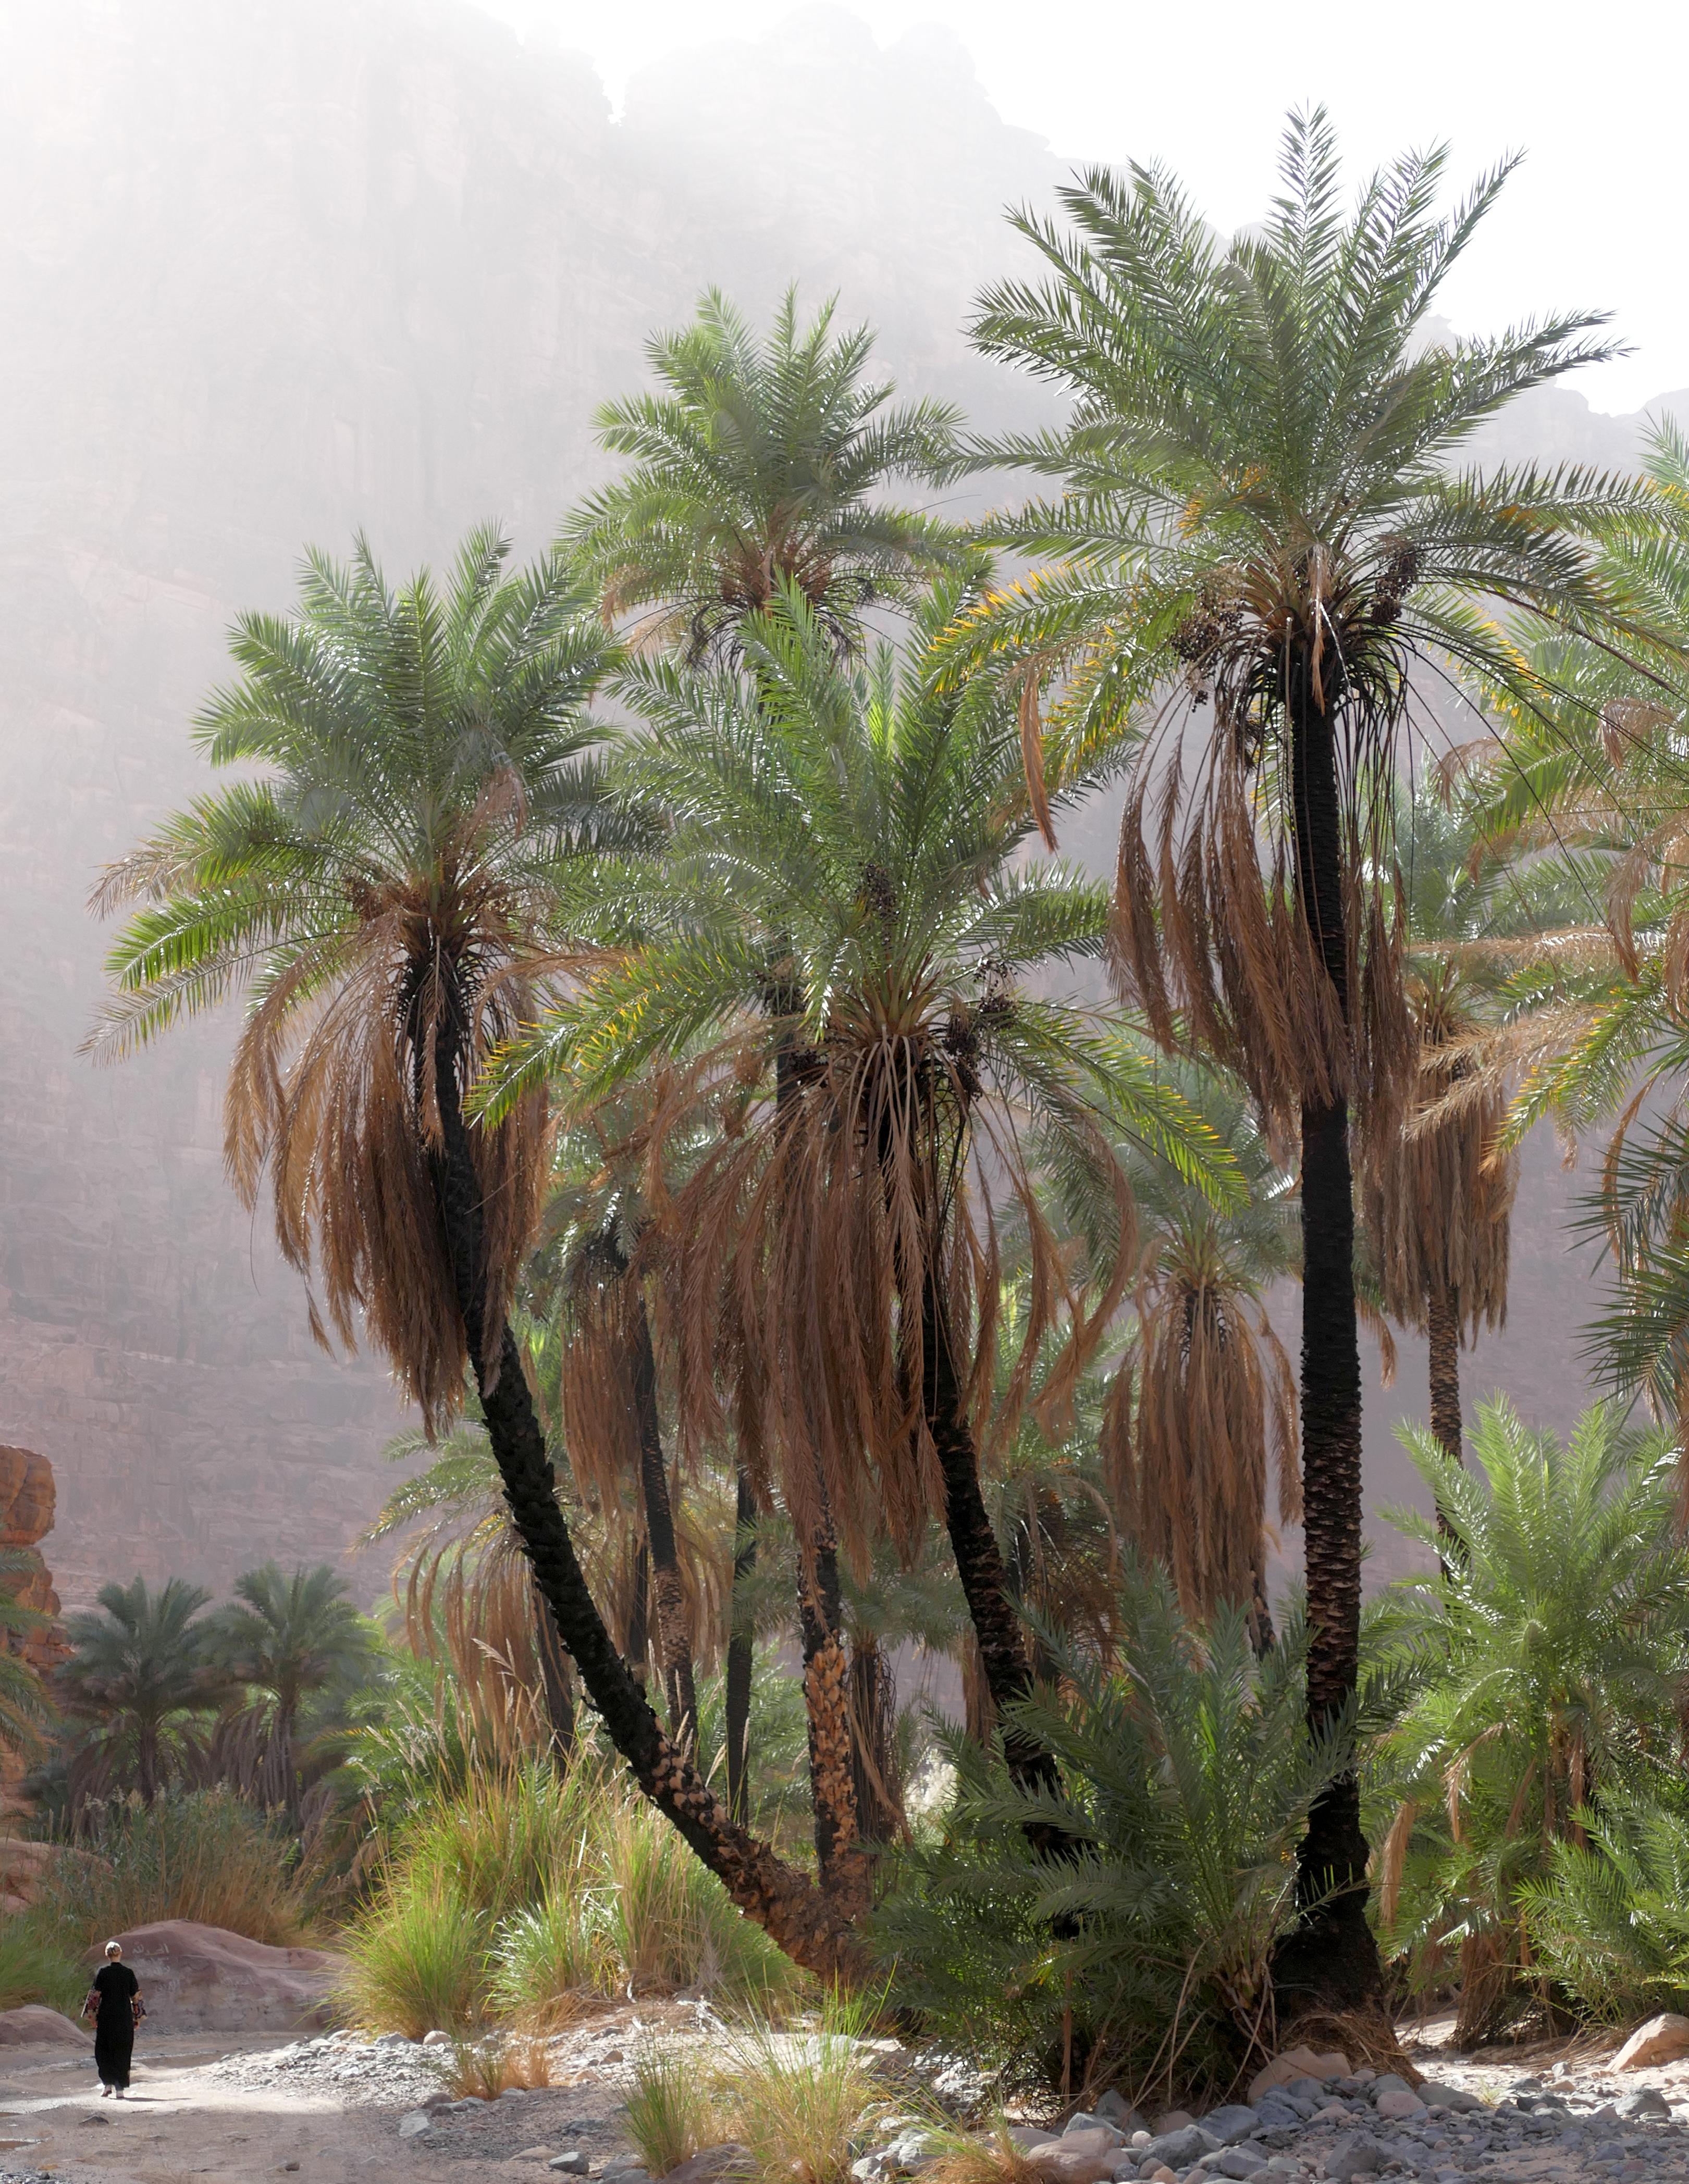 2017 Gabriel Wittum - Palm Trees in Dissah